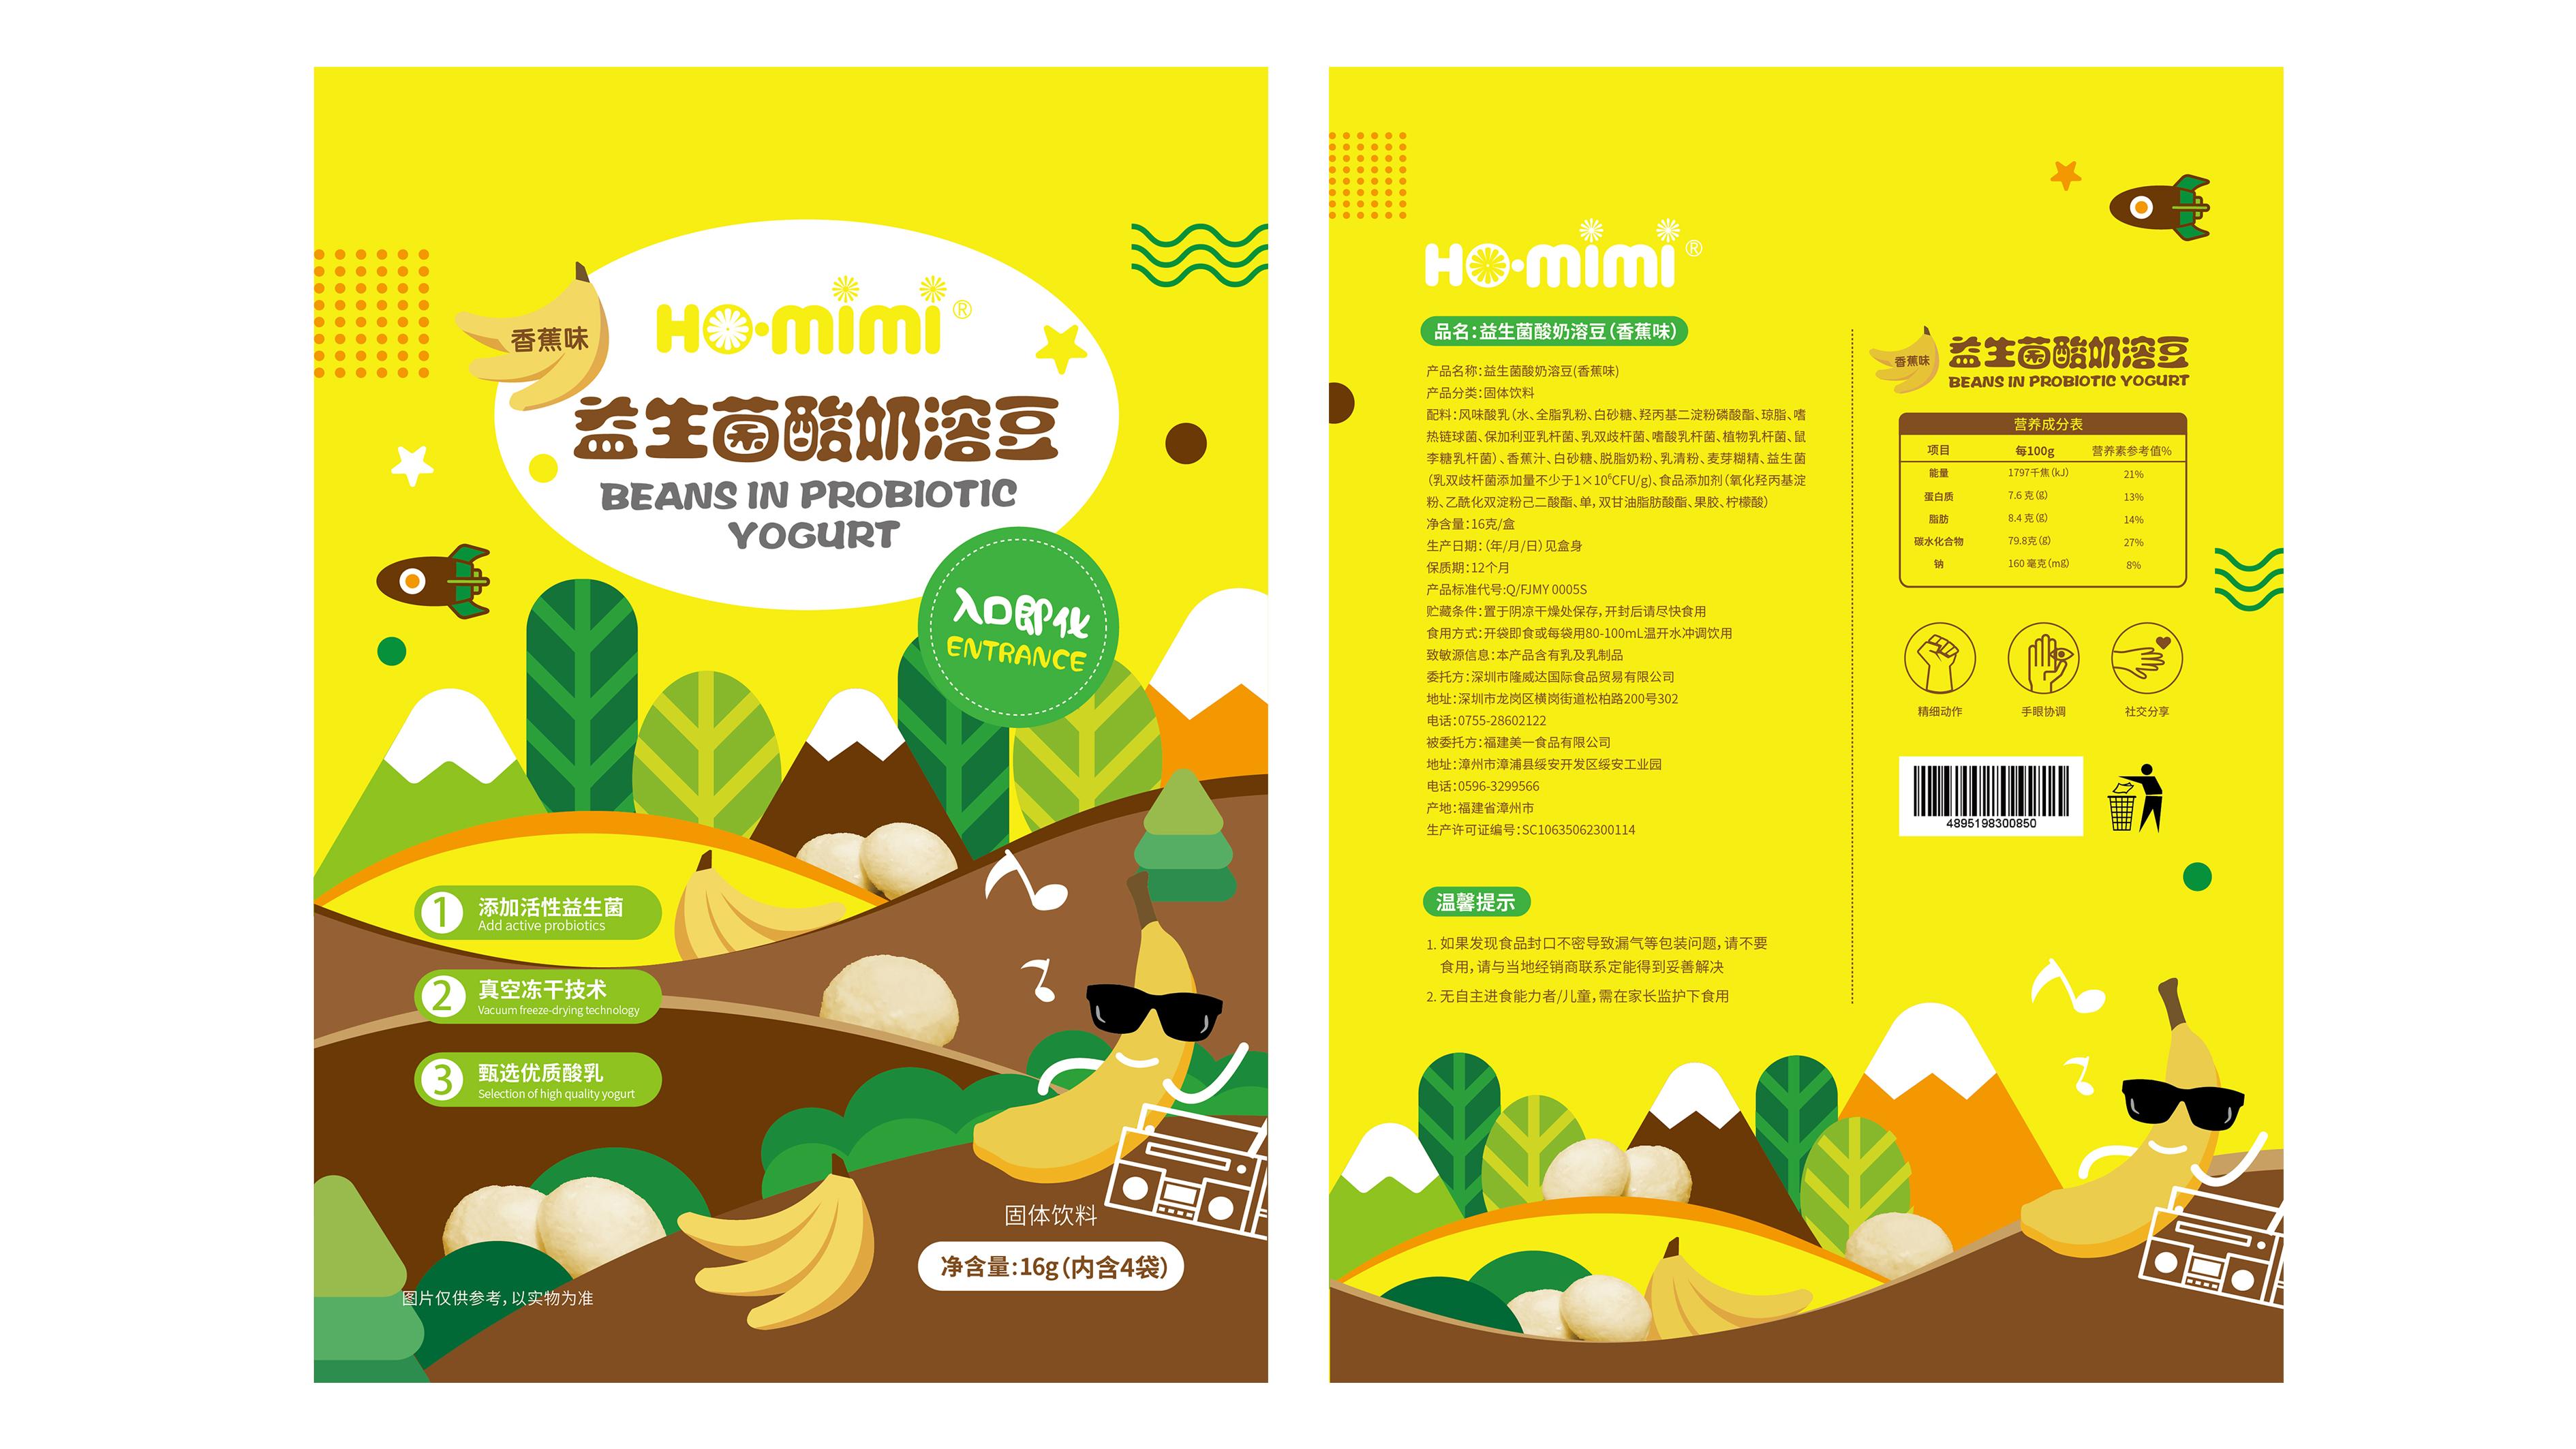 隆威达食品公司包装设计